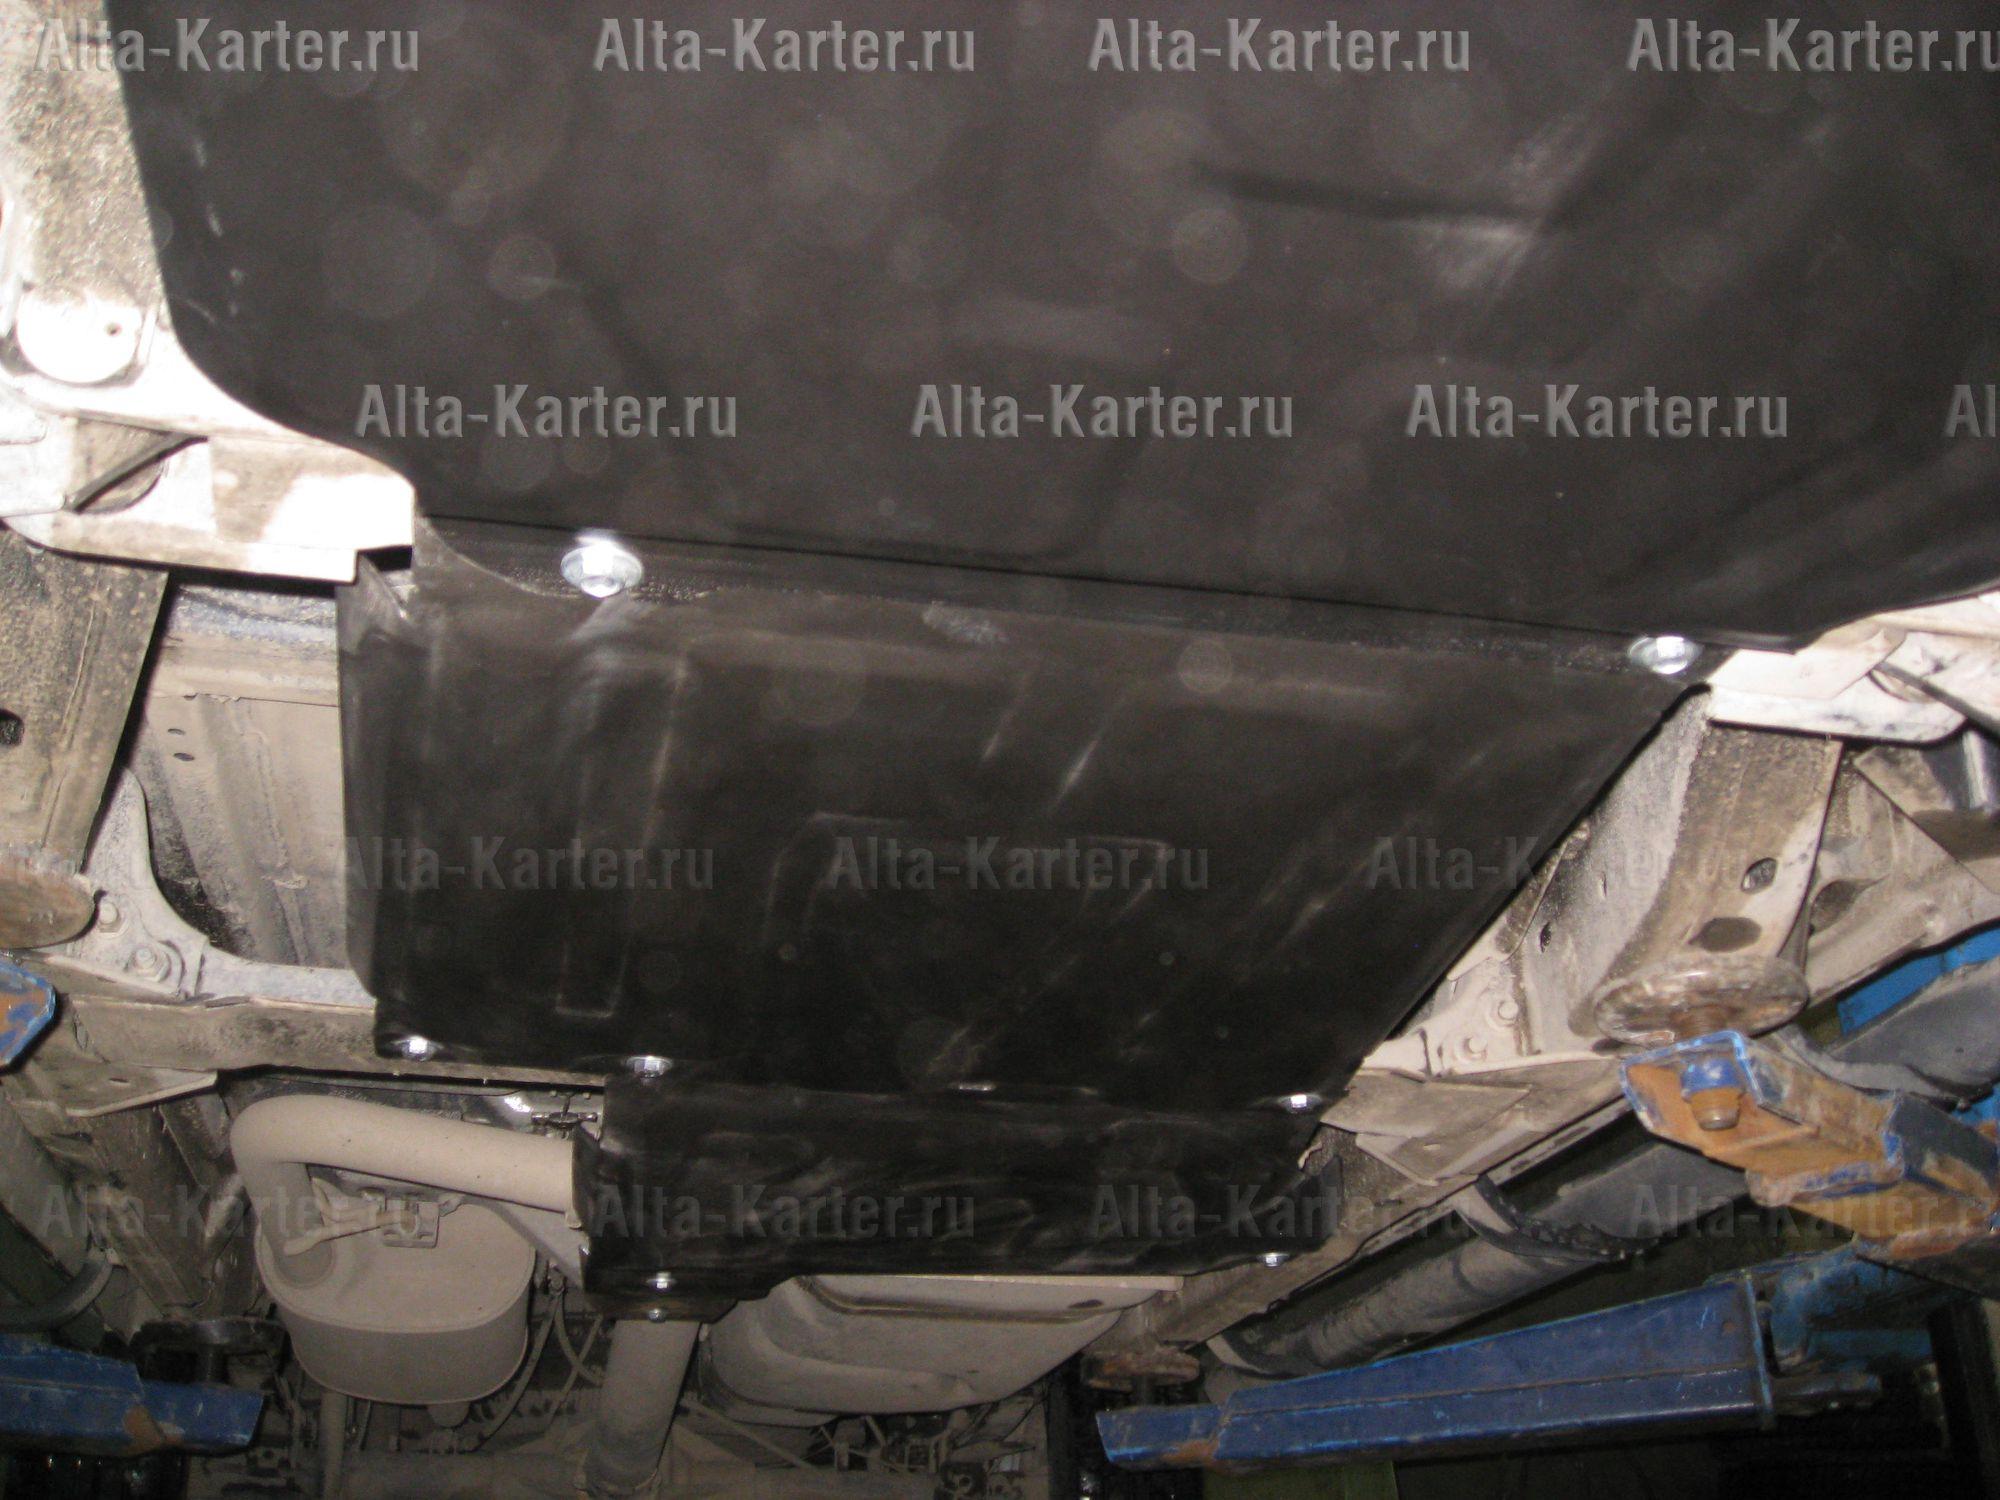 Защита Alfeco для картера, радиатора, раздатки и КПП Nissan Pathfinder R51 2004-2014. Артикул ALF.15.05,06,10